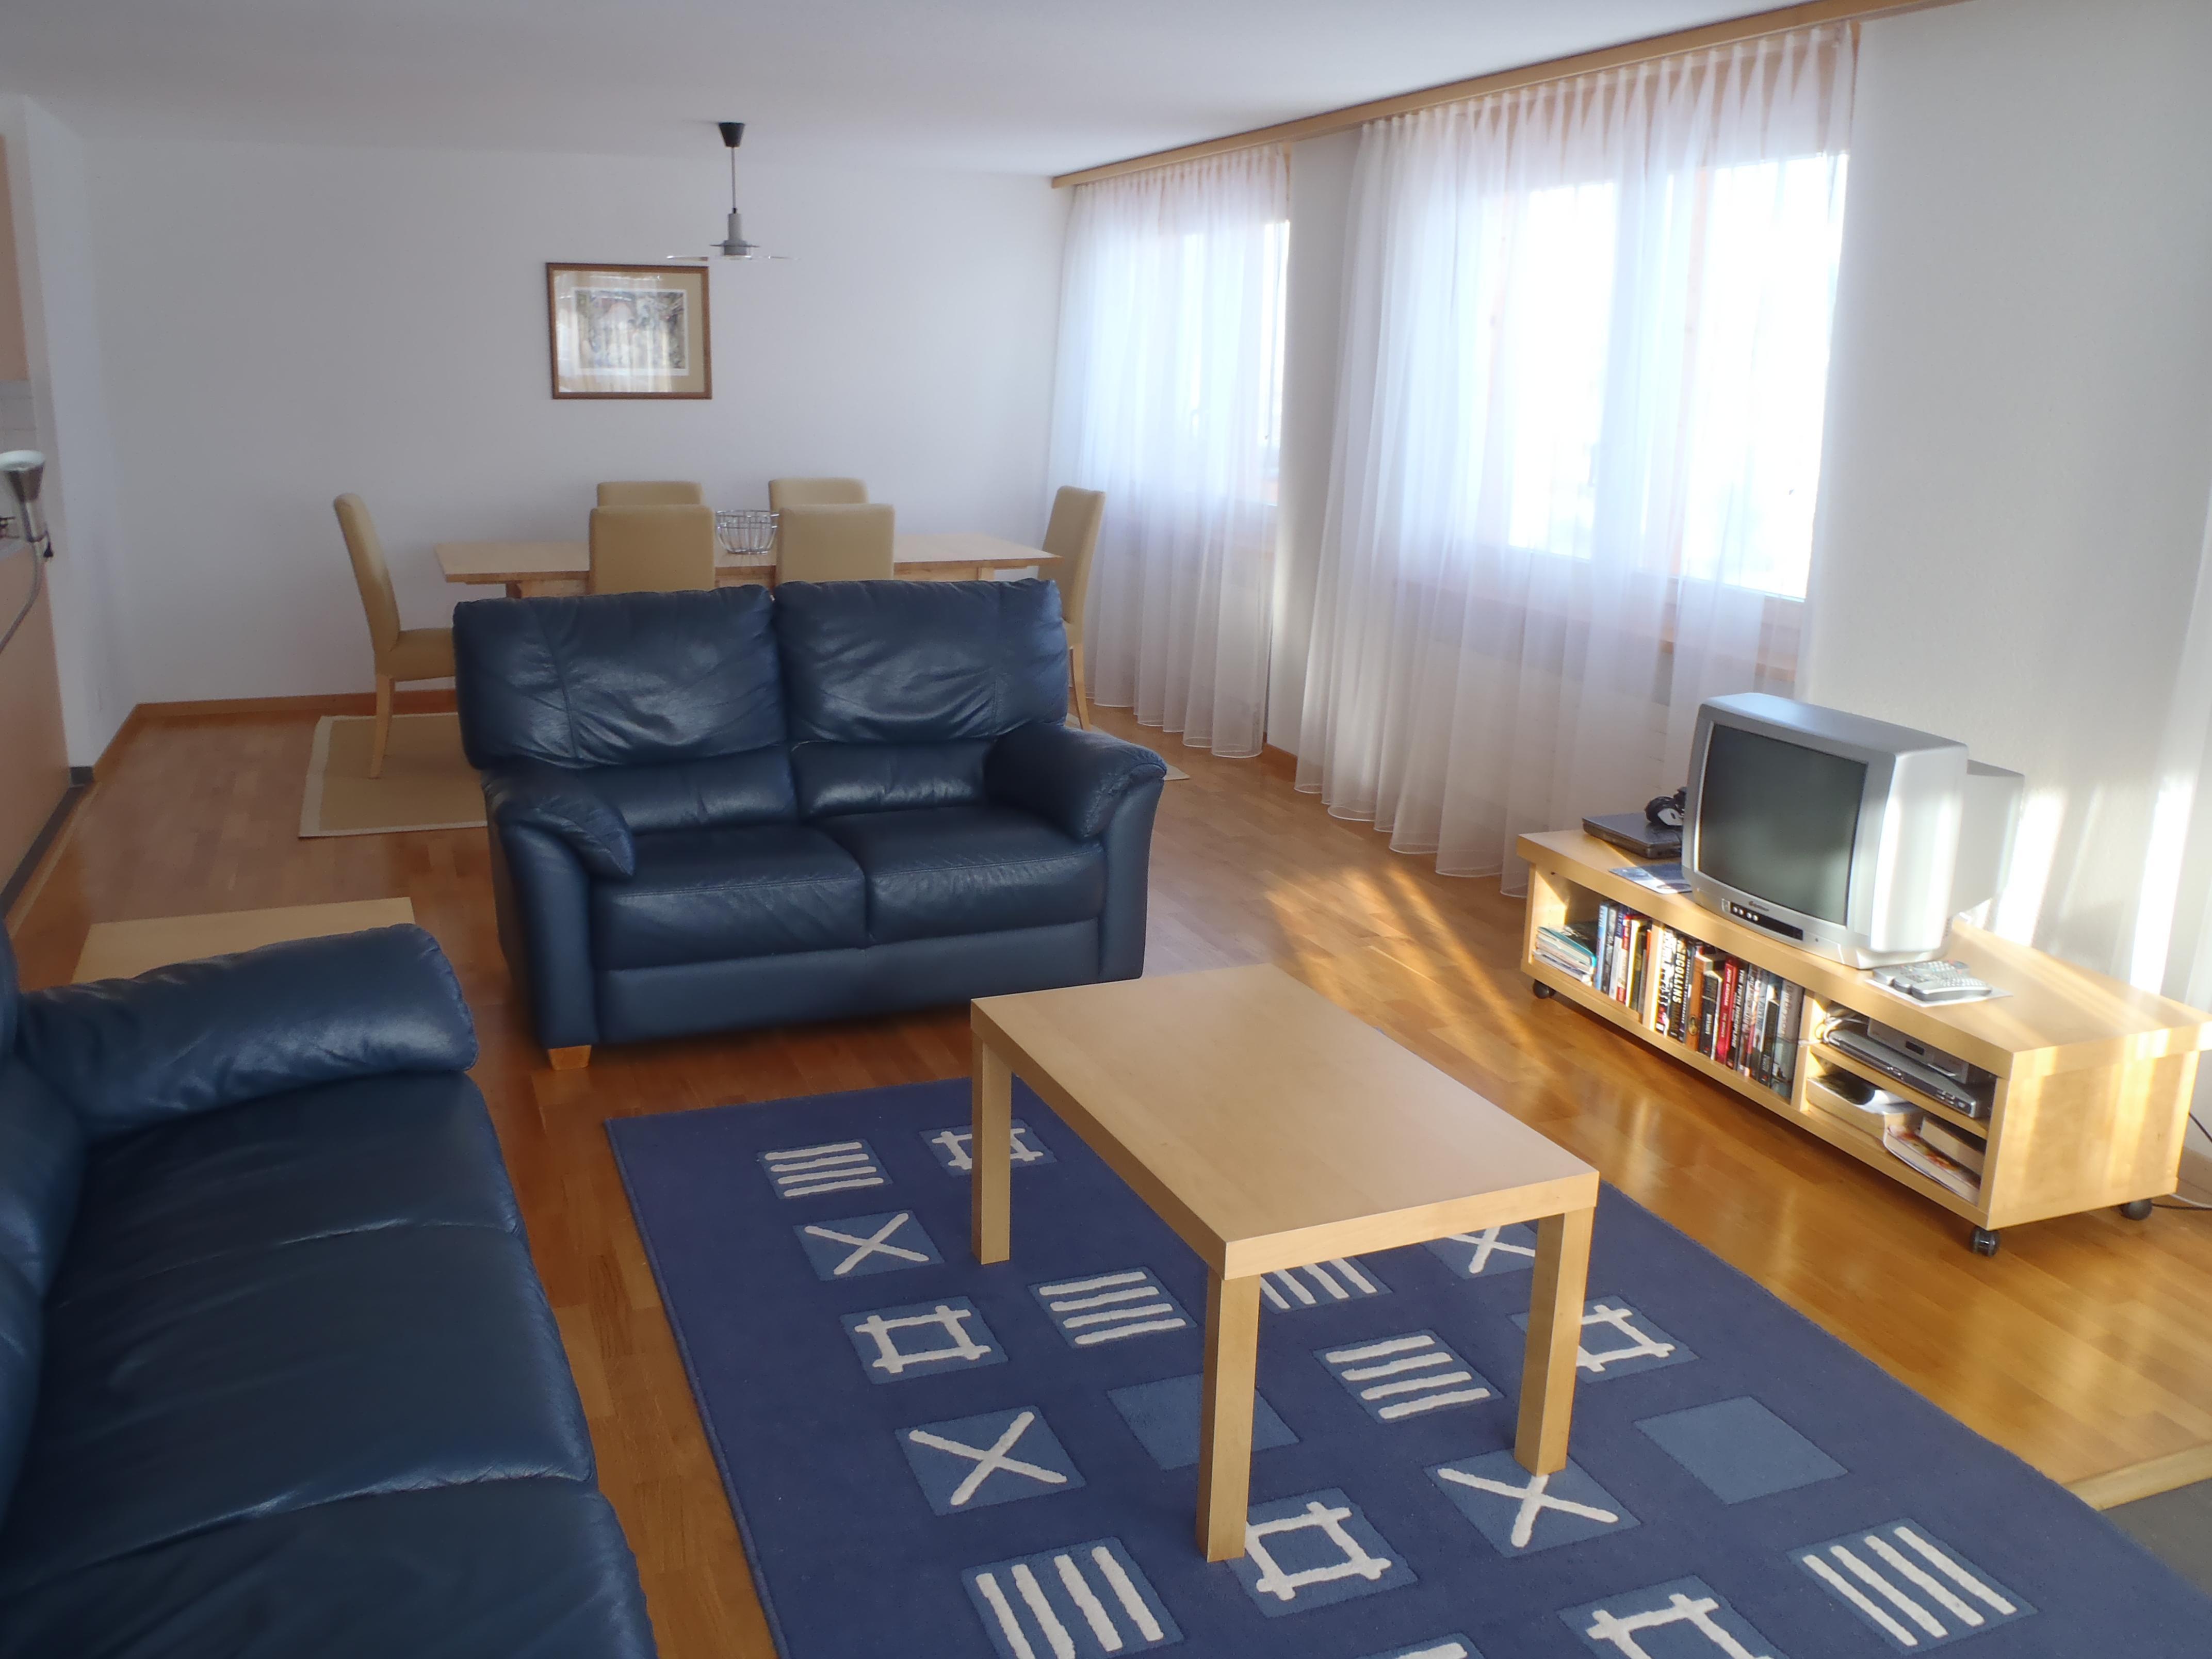 Appartement de vacances Nollen 6 Bett Wohnung Obj. M6004 (887254), Mürren, Région de la Jungfrau, Oberland bernois, Suisse, image 2